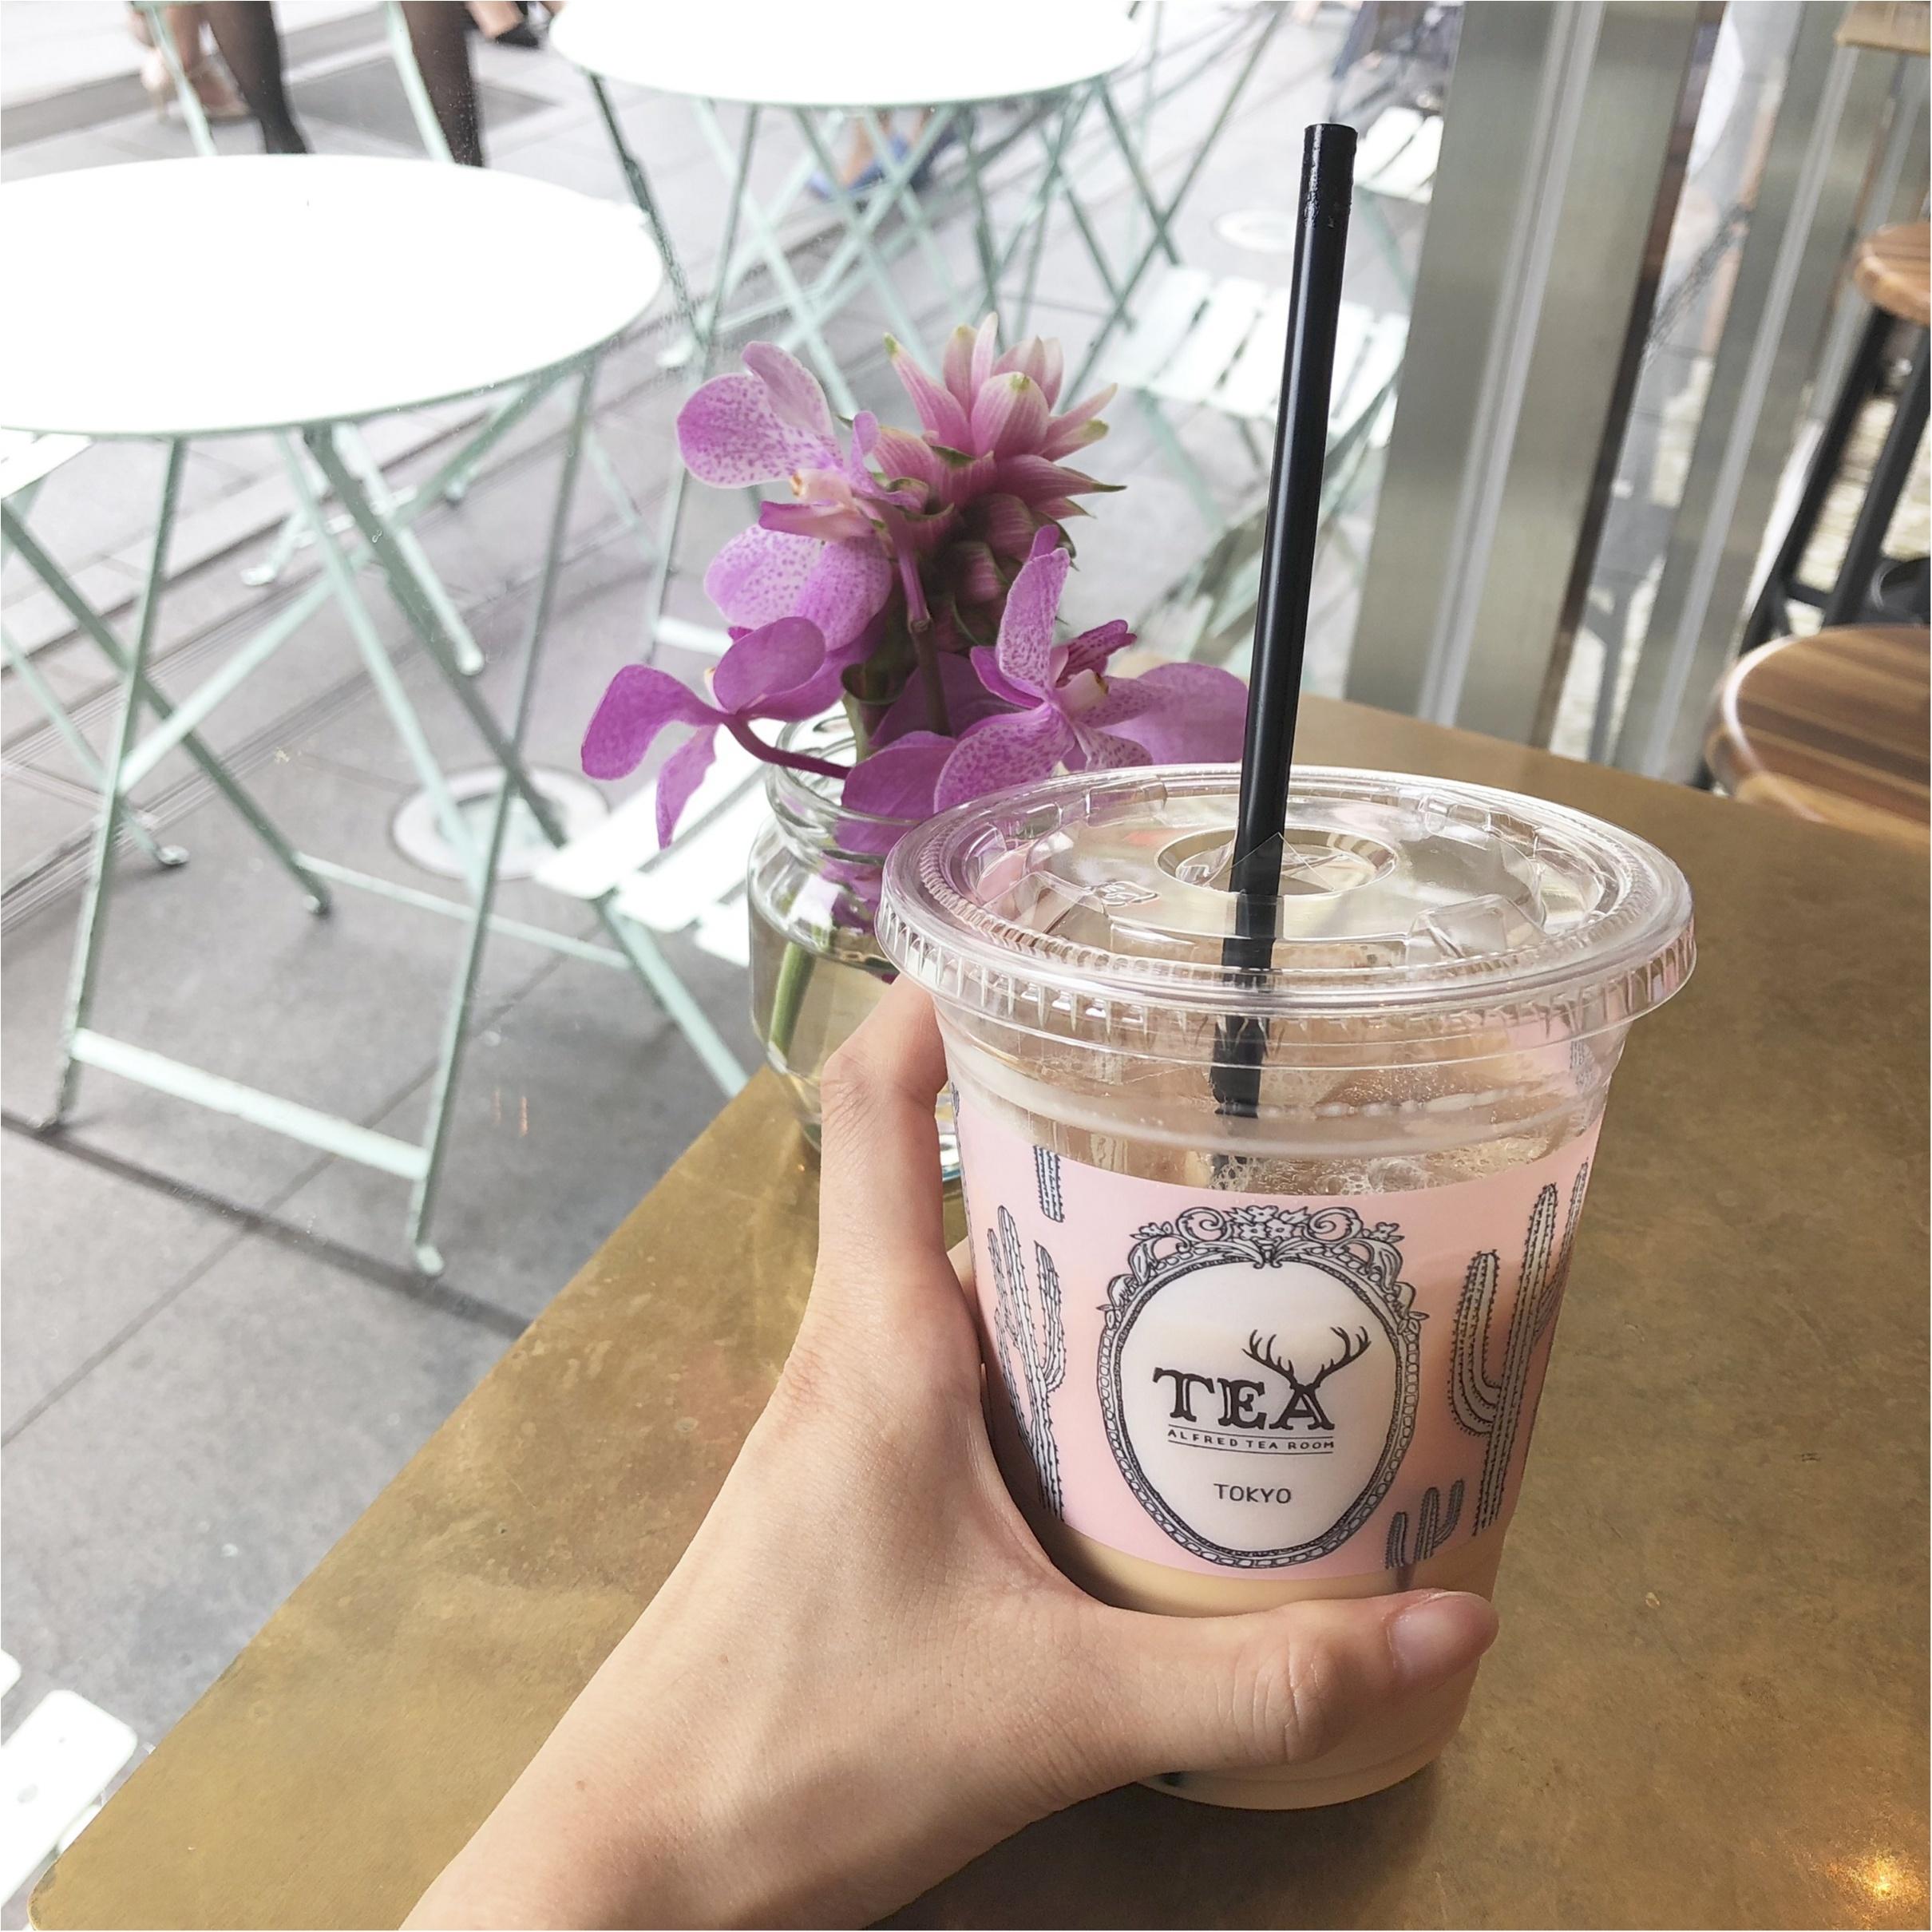 【青山】紅茶で一休み♩ALFRED TEA ROOMがBOBBI BROWNとコラボ中♡_4